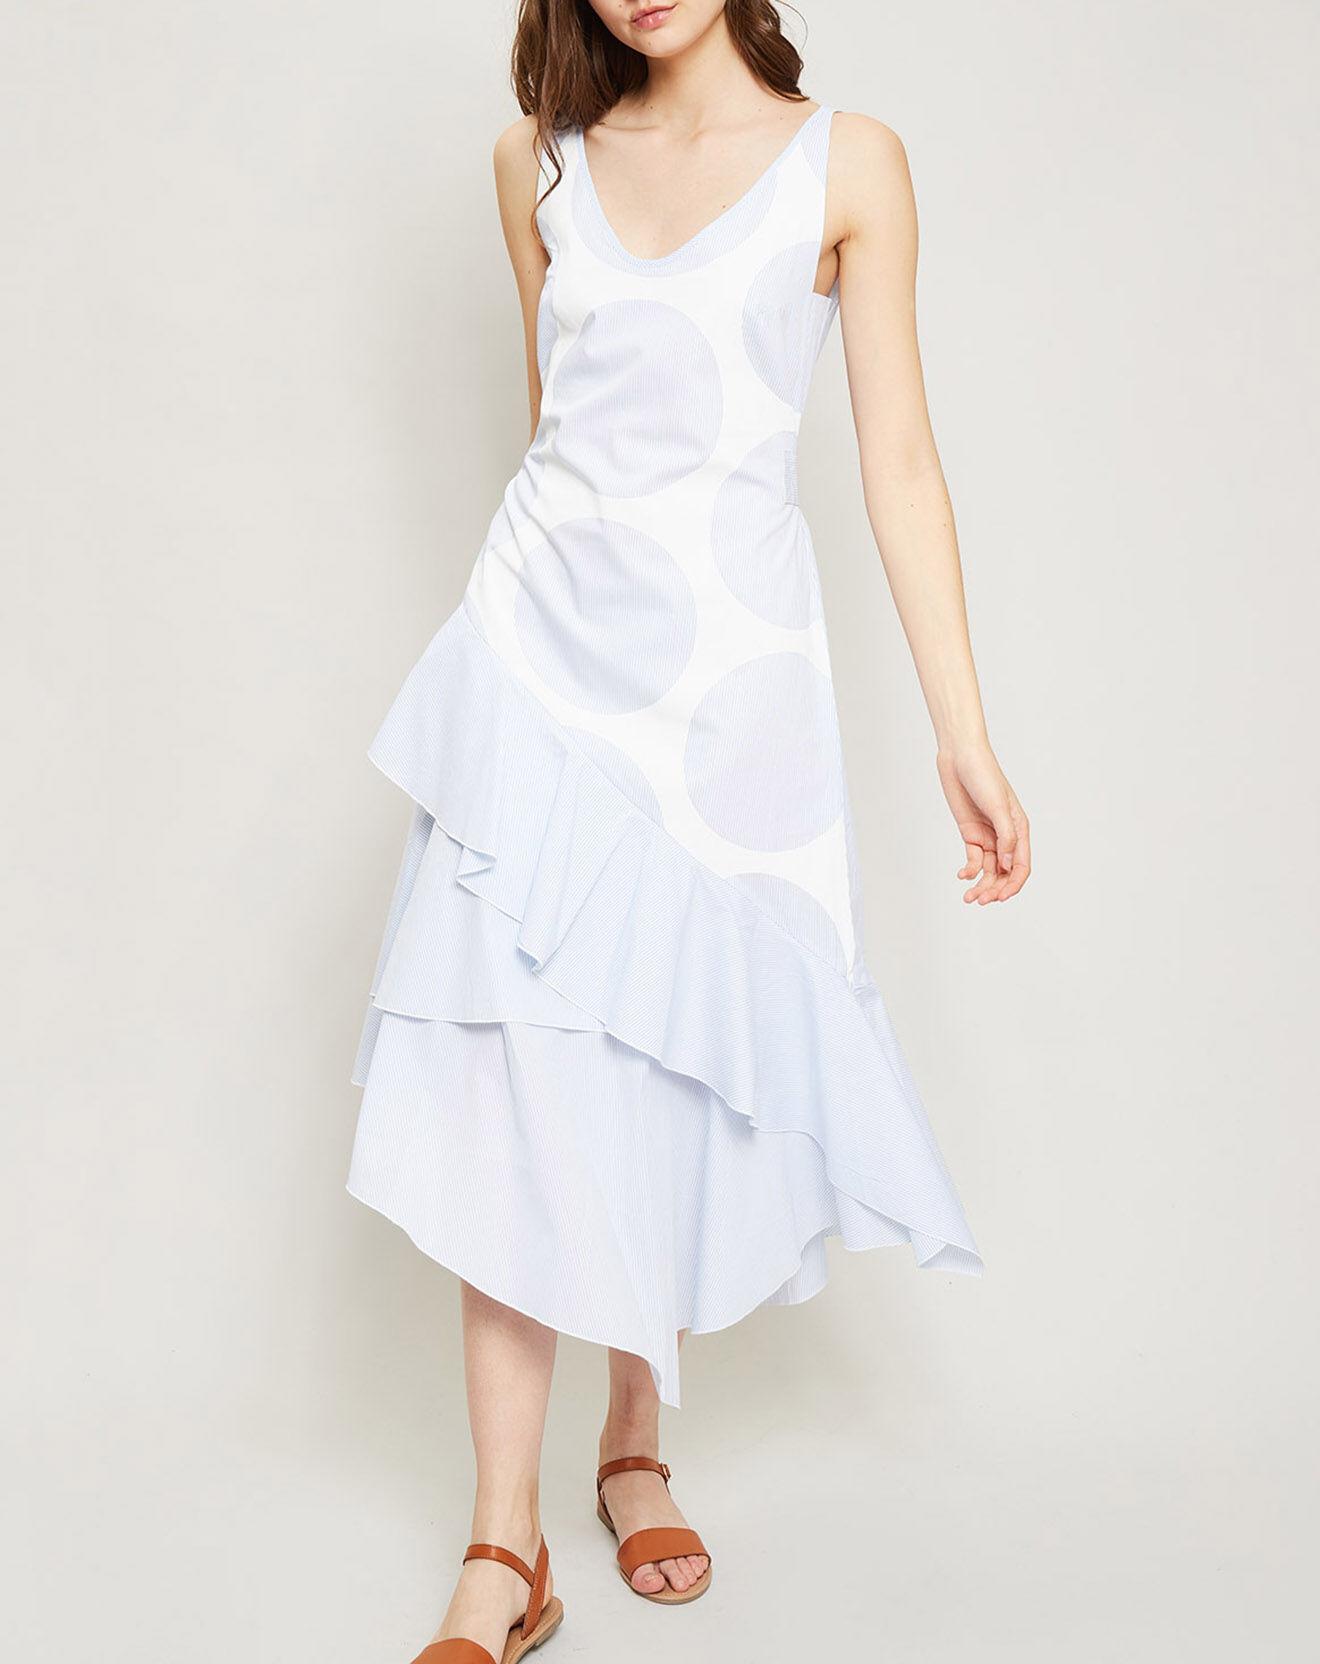 Robe Algebre asymétrique blanche - Derhy - Modalova